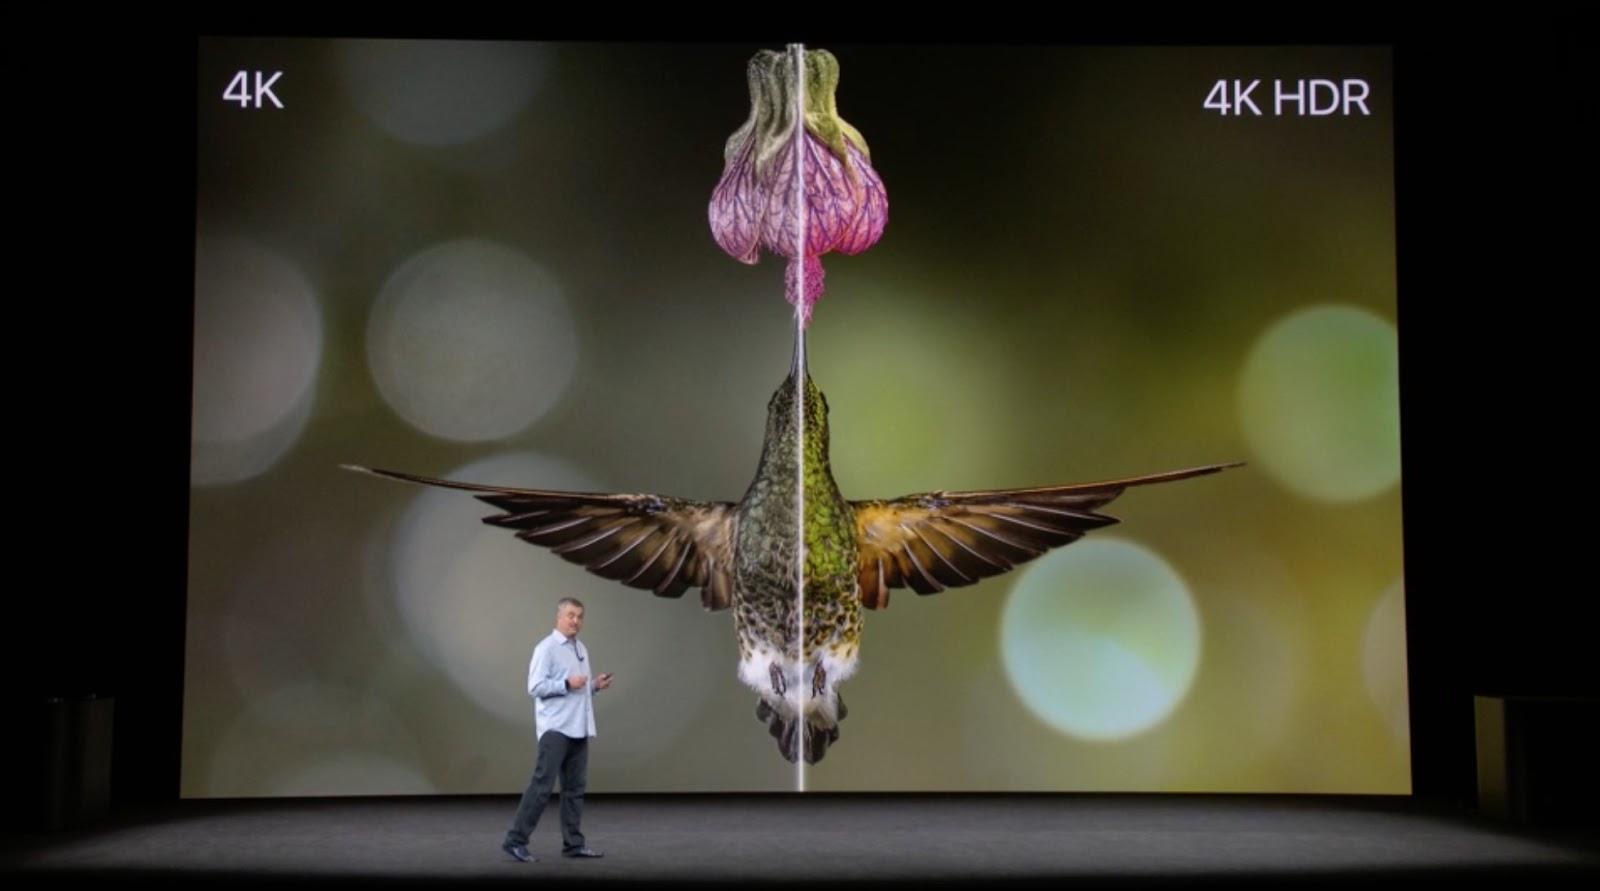 September-12th-Apple-TV-4K-HDR.jpg